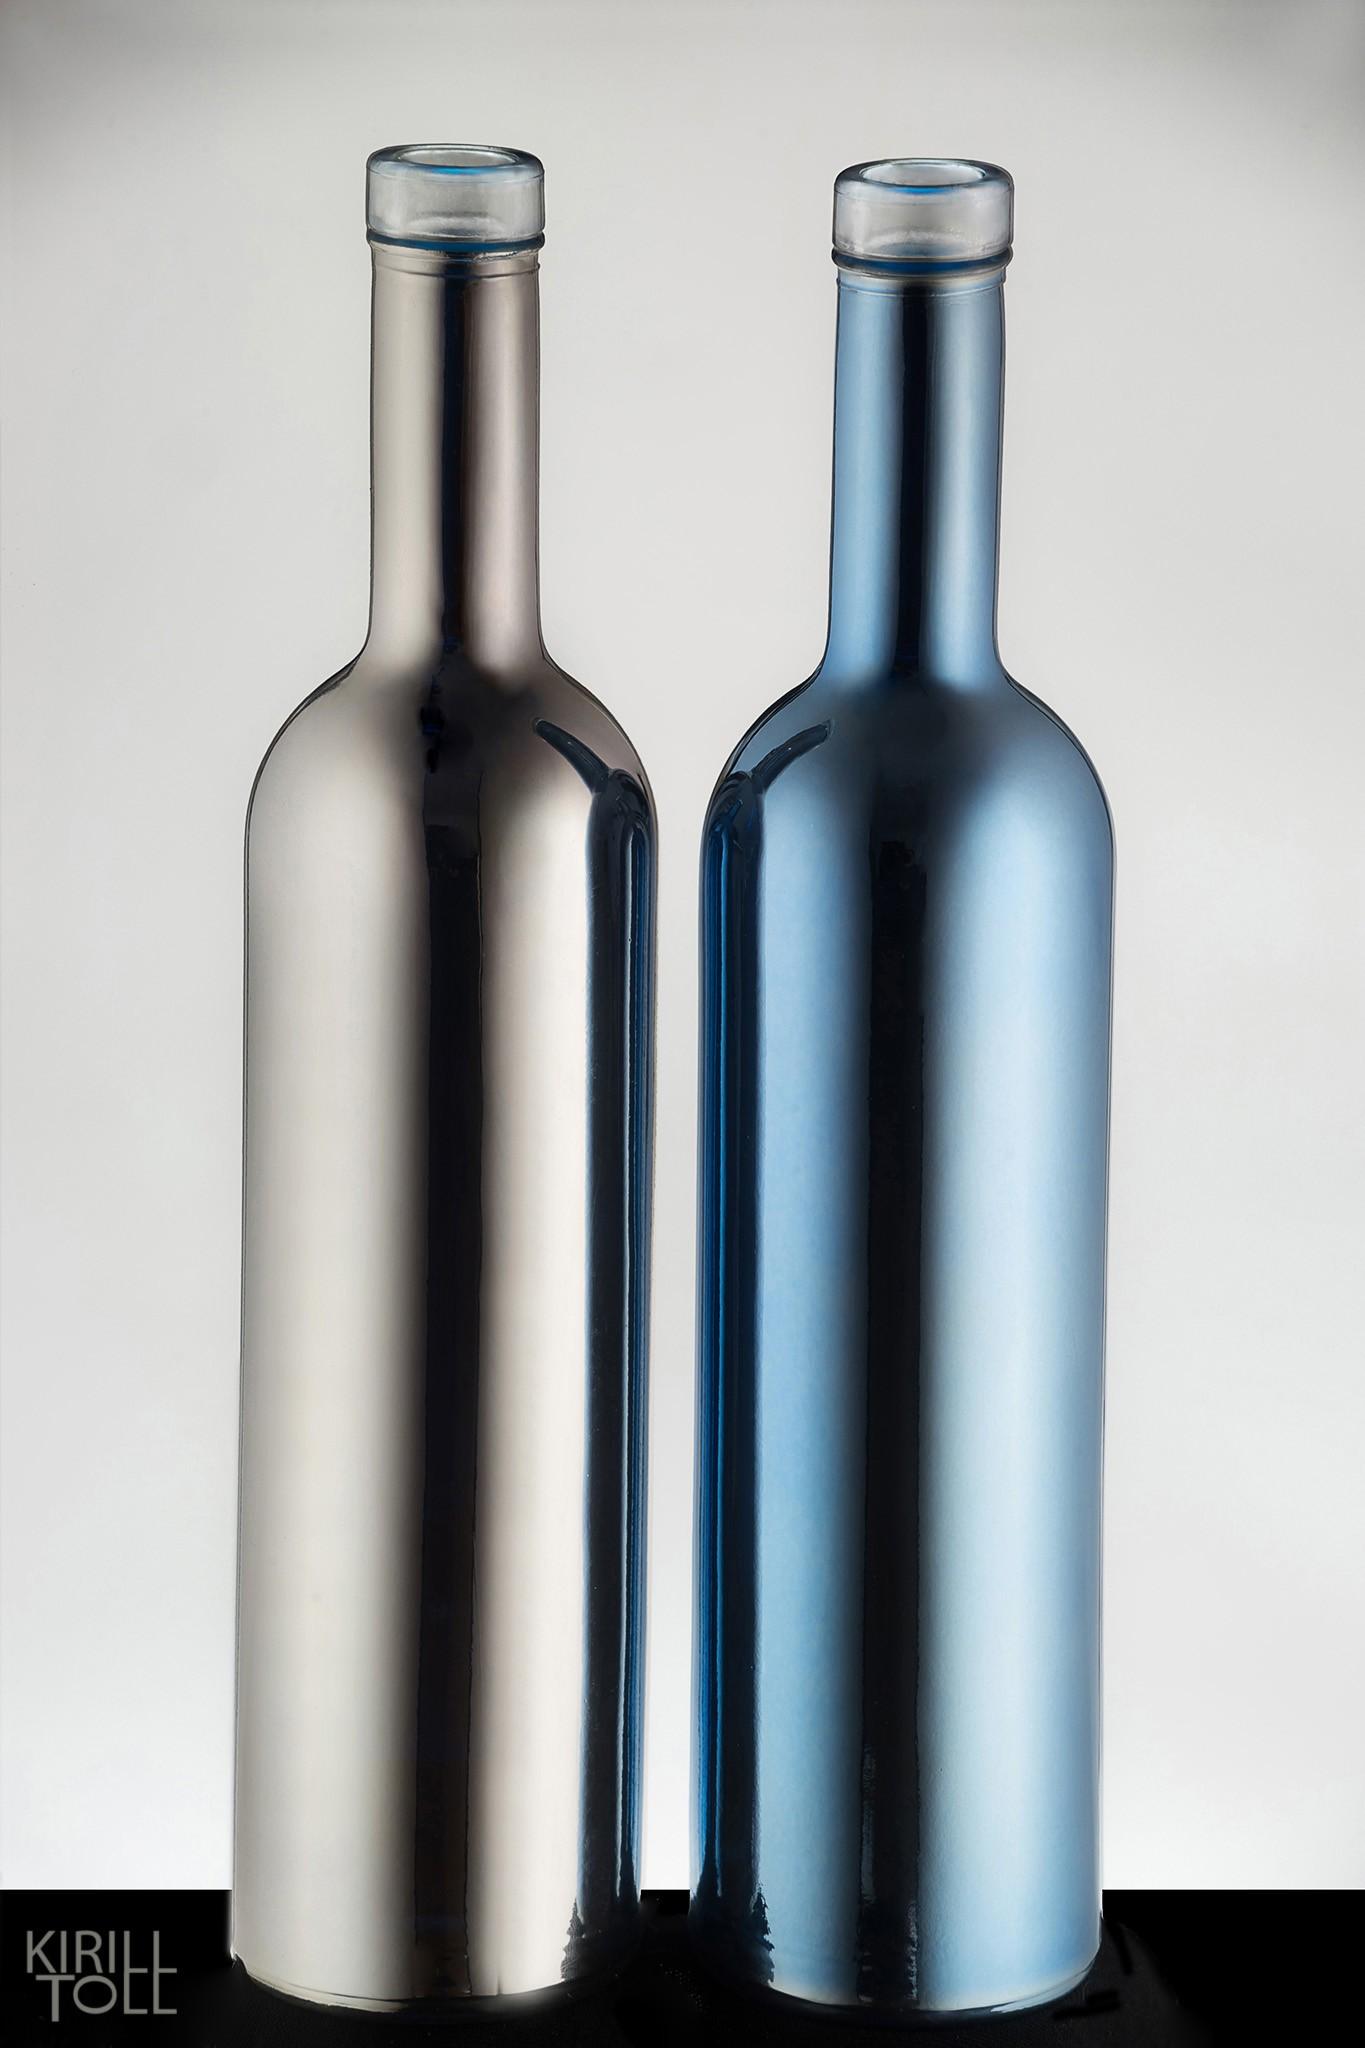 Рекламная фотосъемка бутылок. Зеркальные предметы